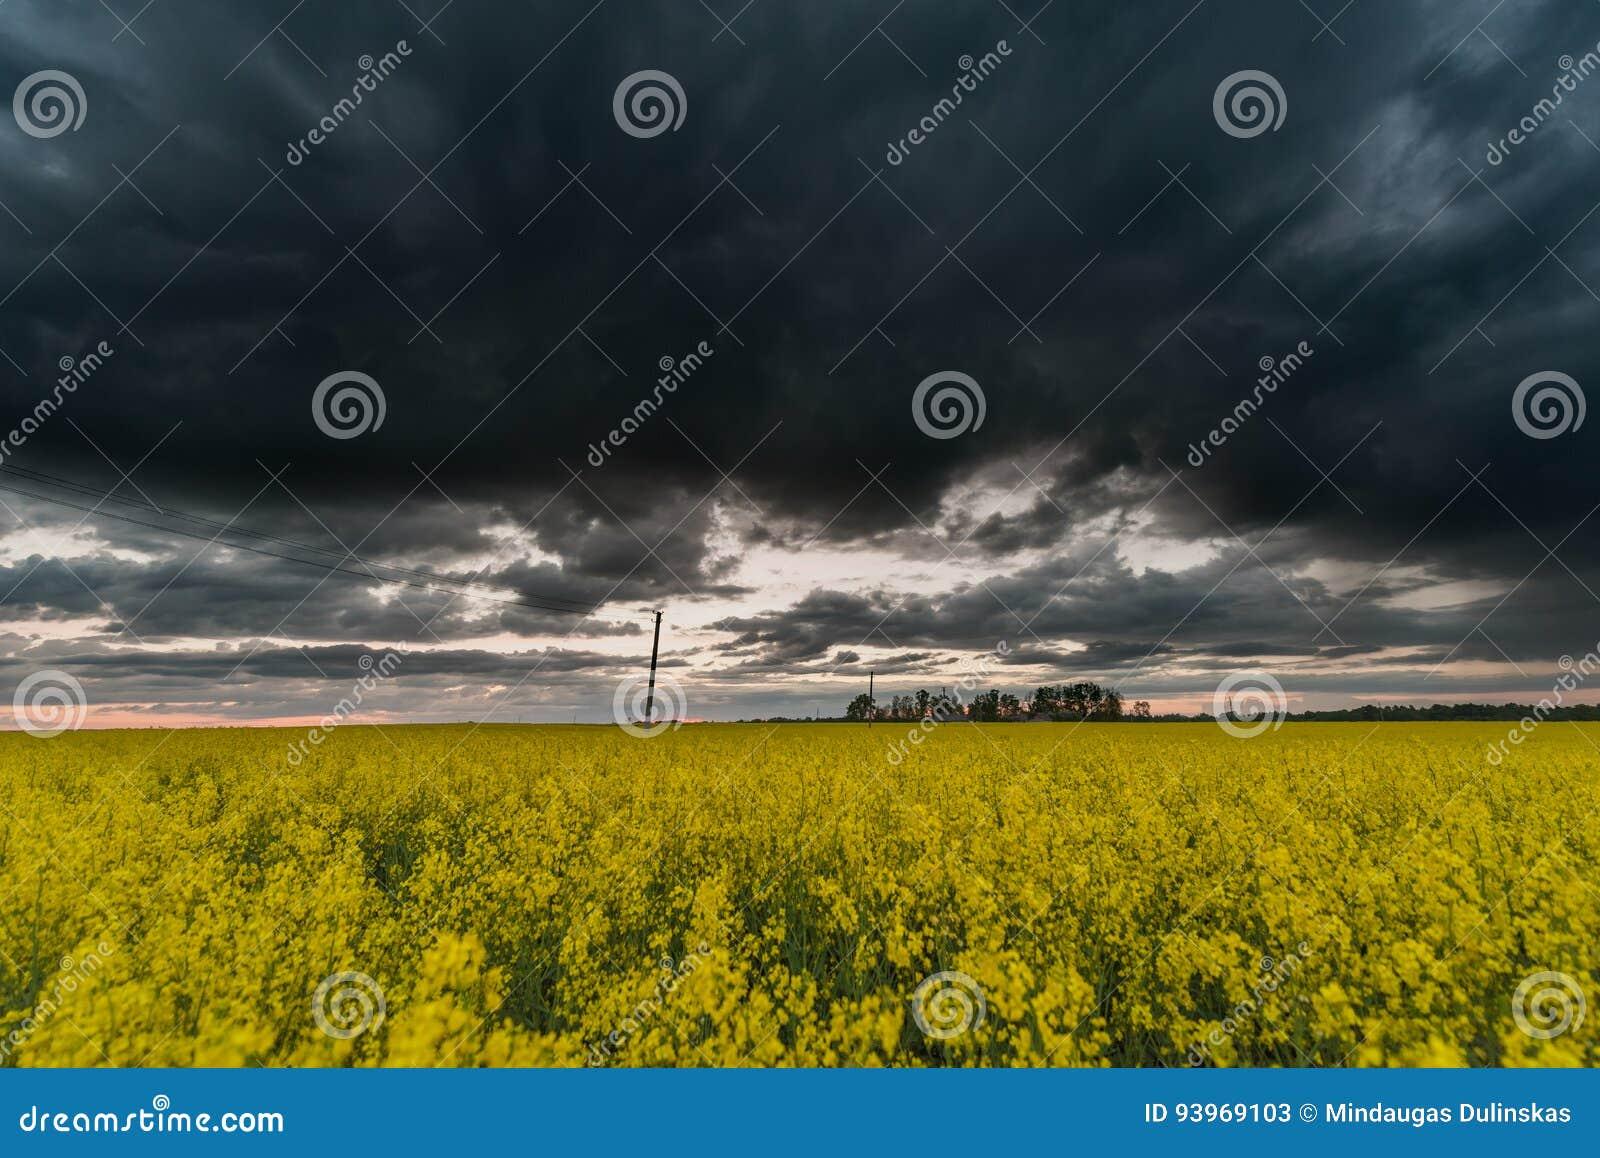 Campo de la rabina con el cielo nublado tempestuoso oscuro en fondo